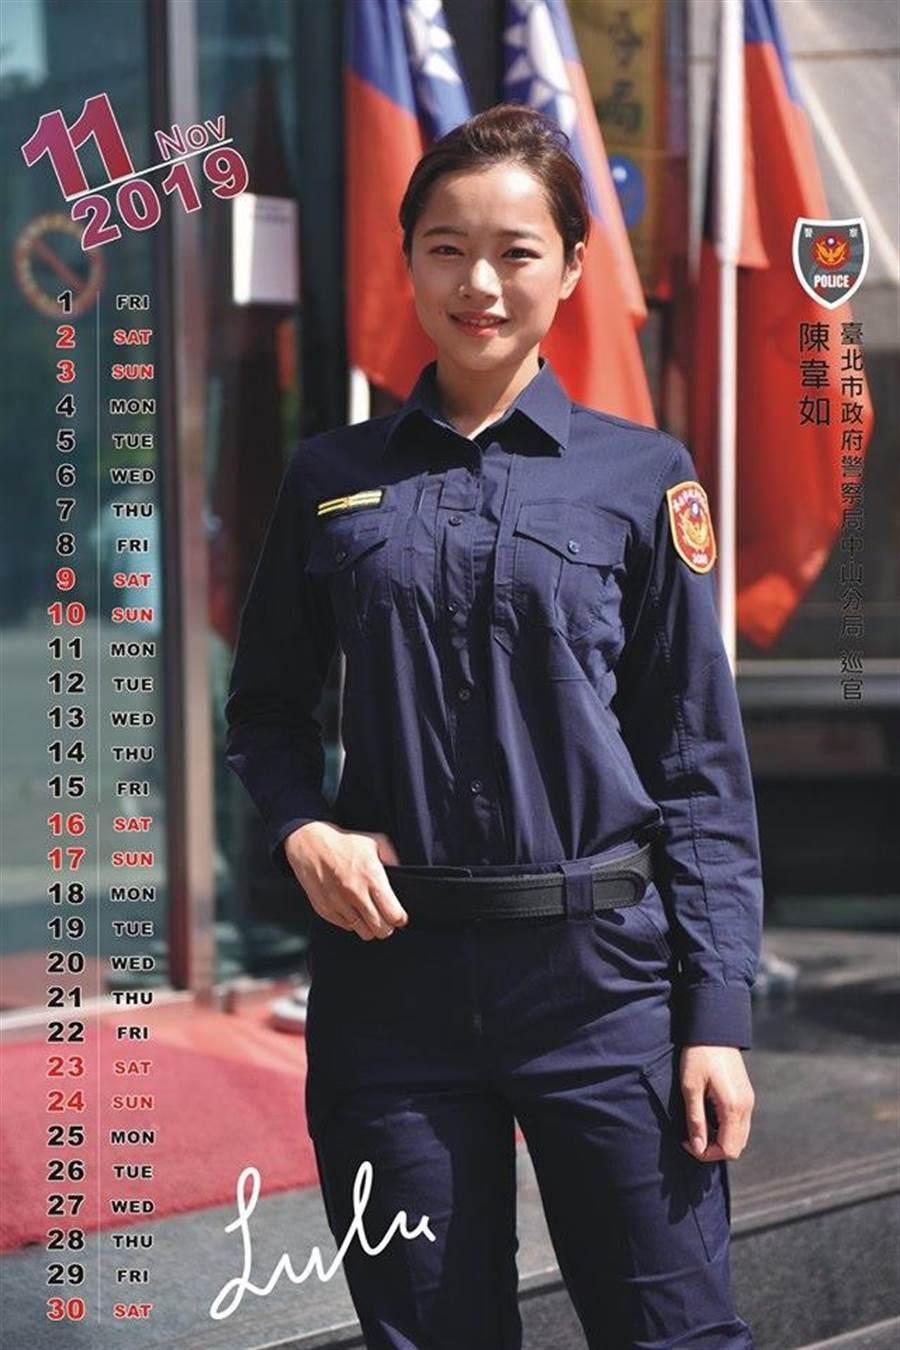 北市中山警分局巡官陳韋如,最近被《警光新聞雲》選為11月的月曆明星。(取自警光新聞雲臉書)